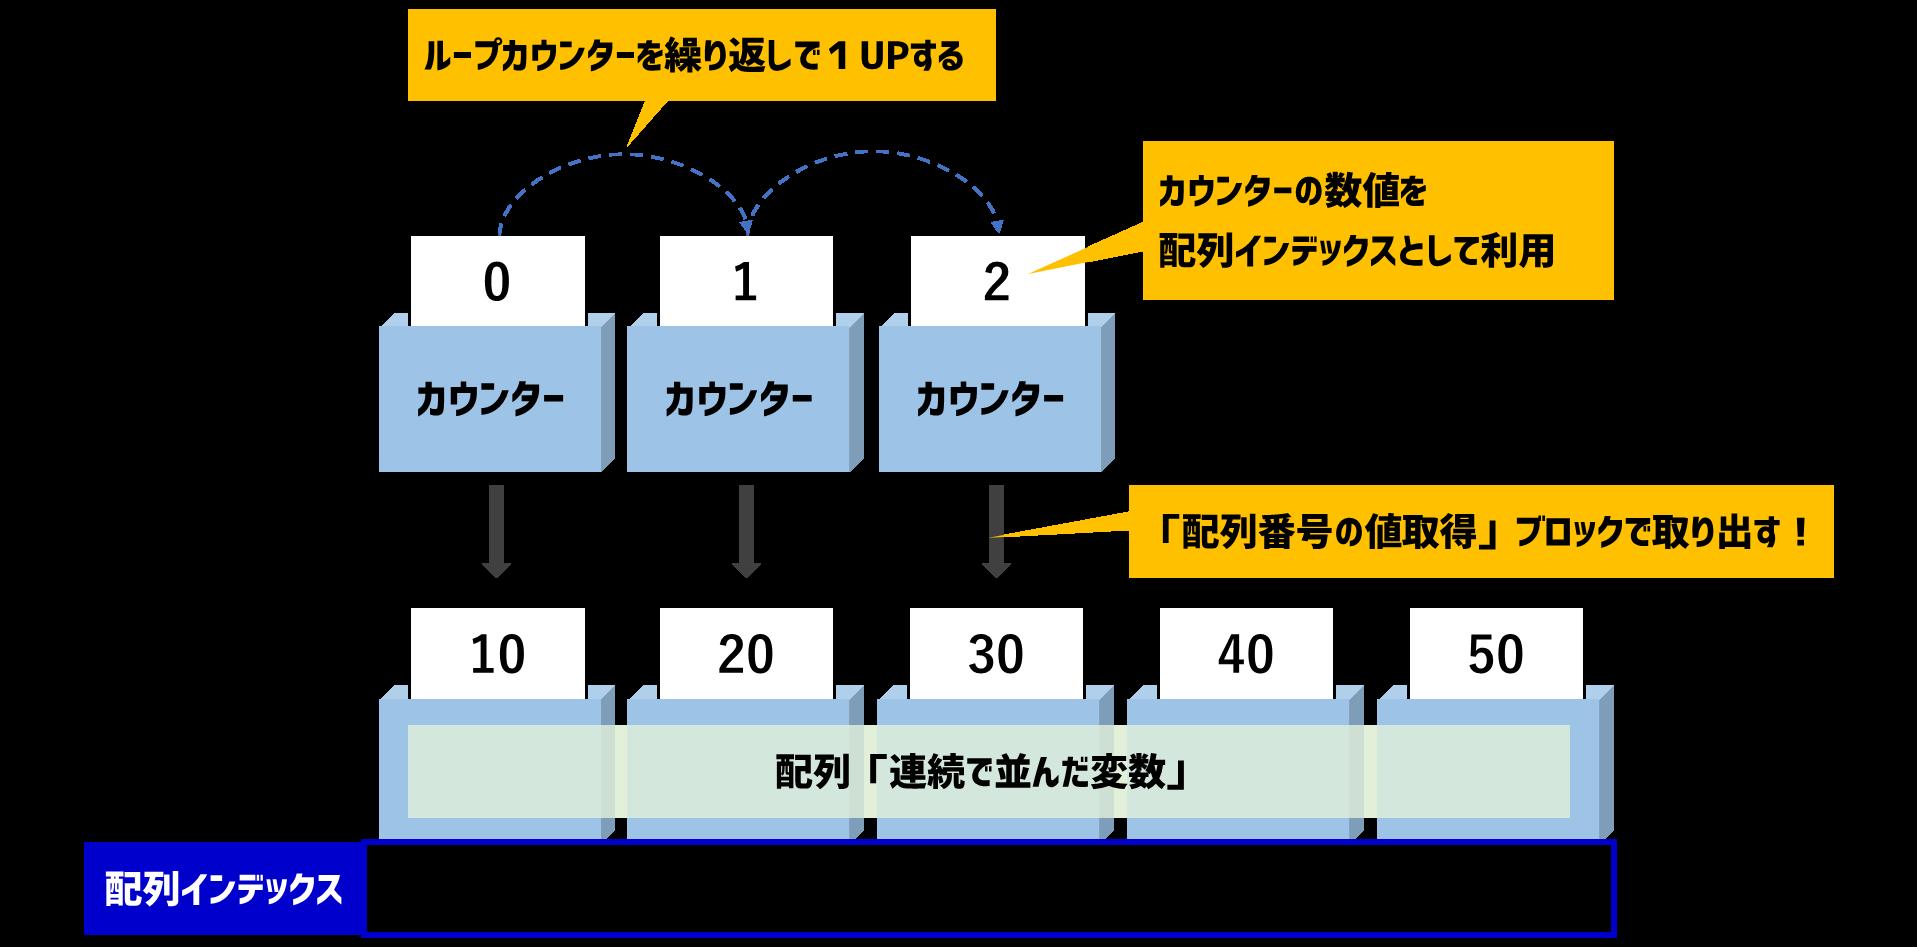 ループで配列にアクセスするイメージ図